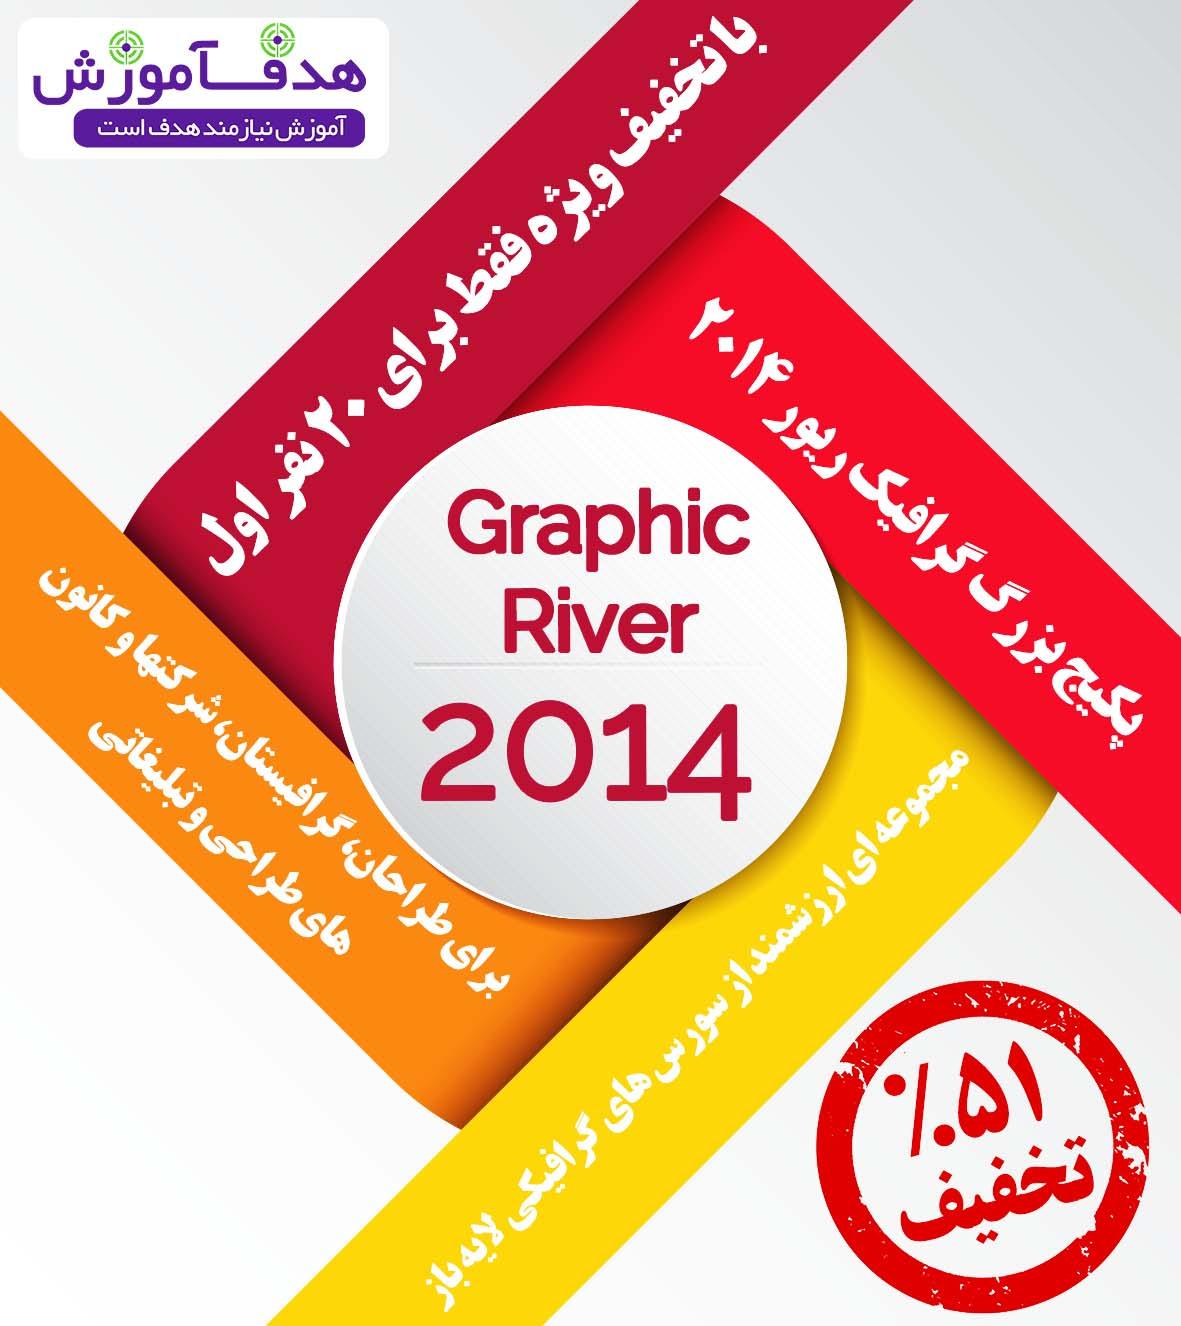 گرافیک ریور-هدف آموزش-مجموعه گرافیکی کامل